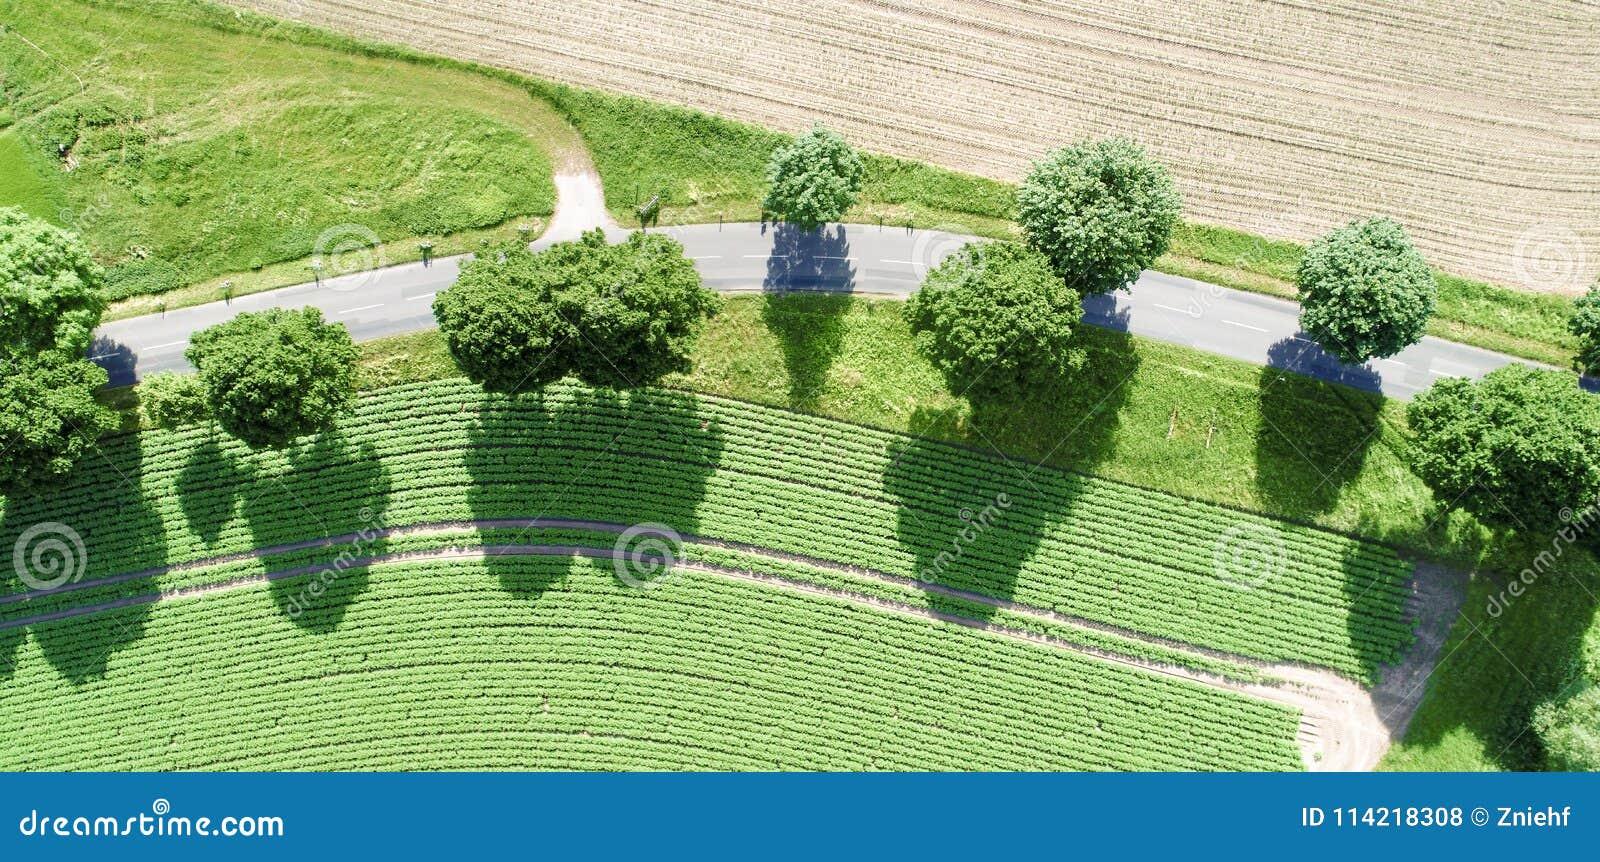 Vista aérea de una curva de una trayectoria con los árboles verdes magníficos a lo largo del camino